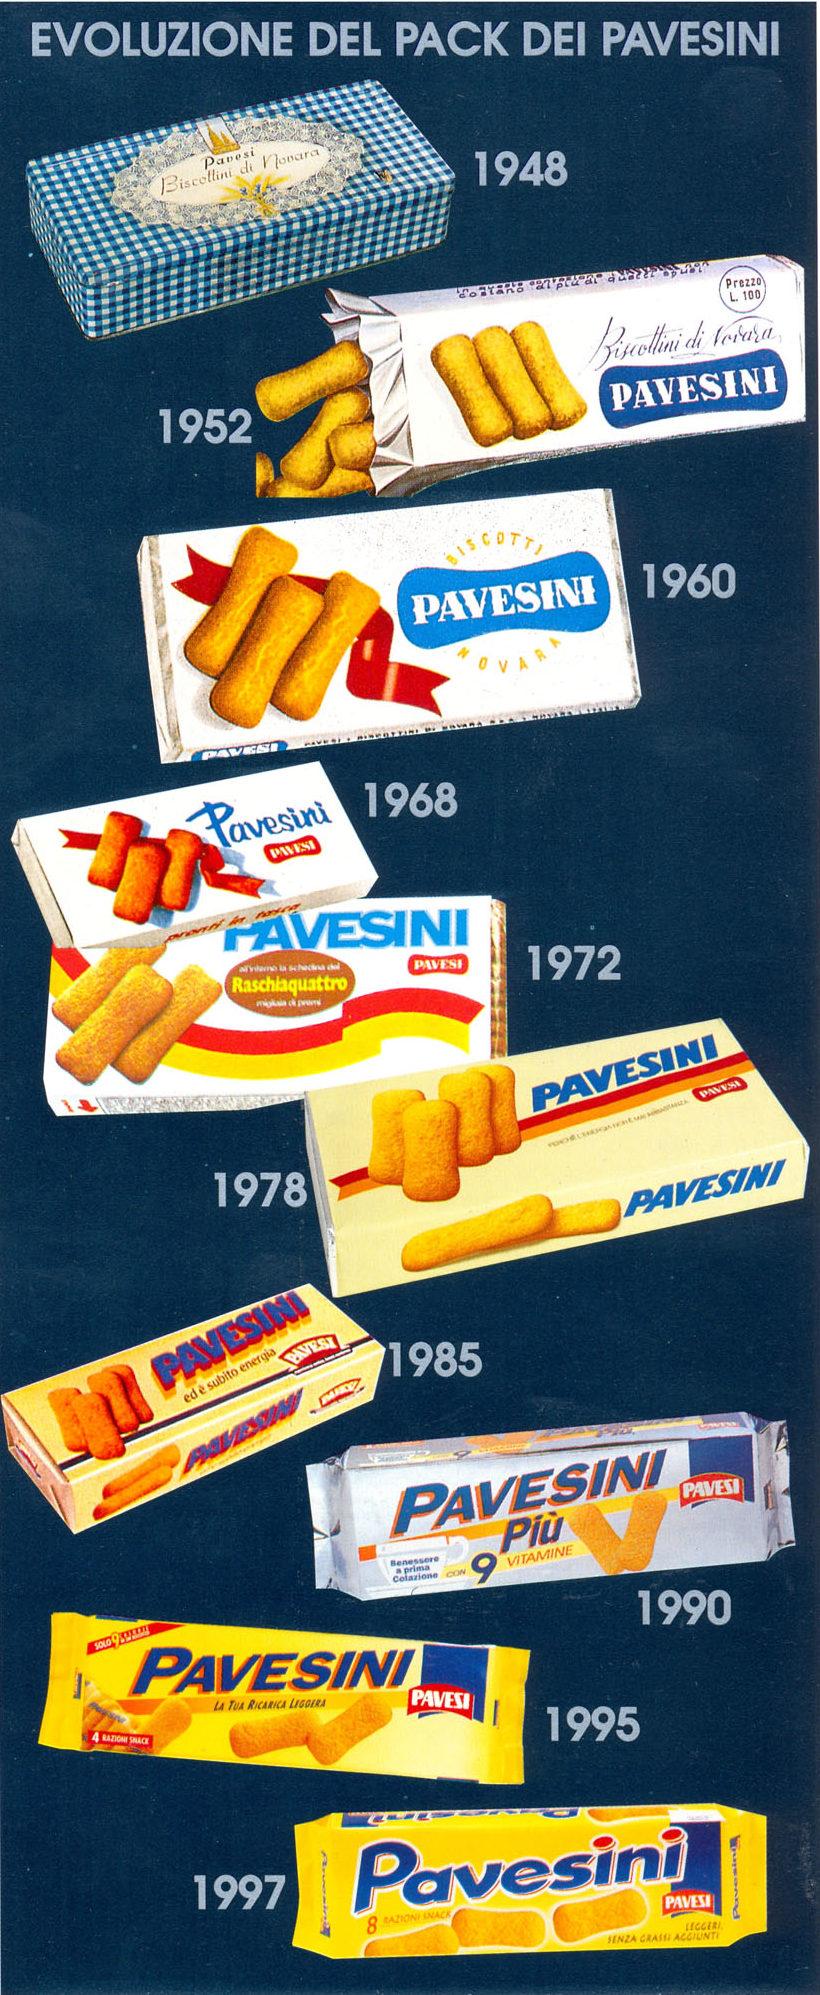 Storia - evoluzione dei pack dei Pavesini